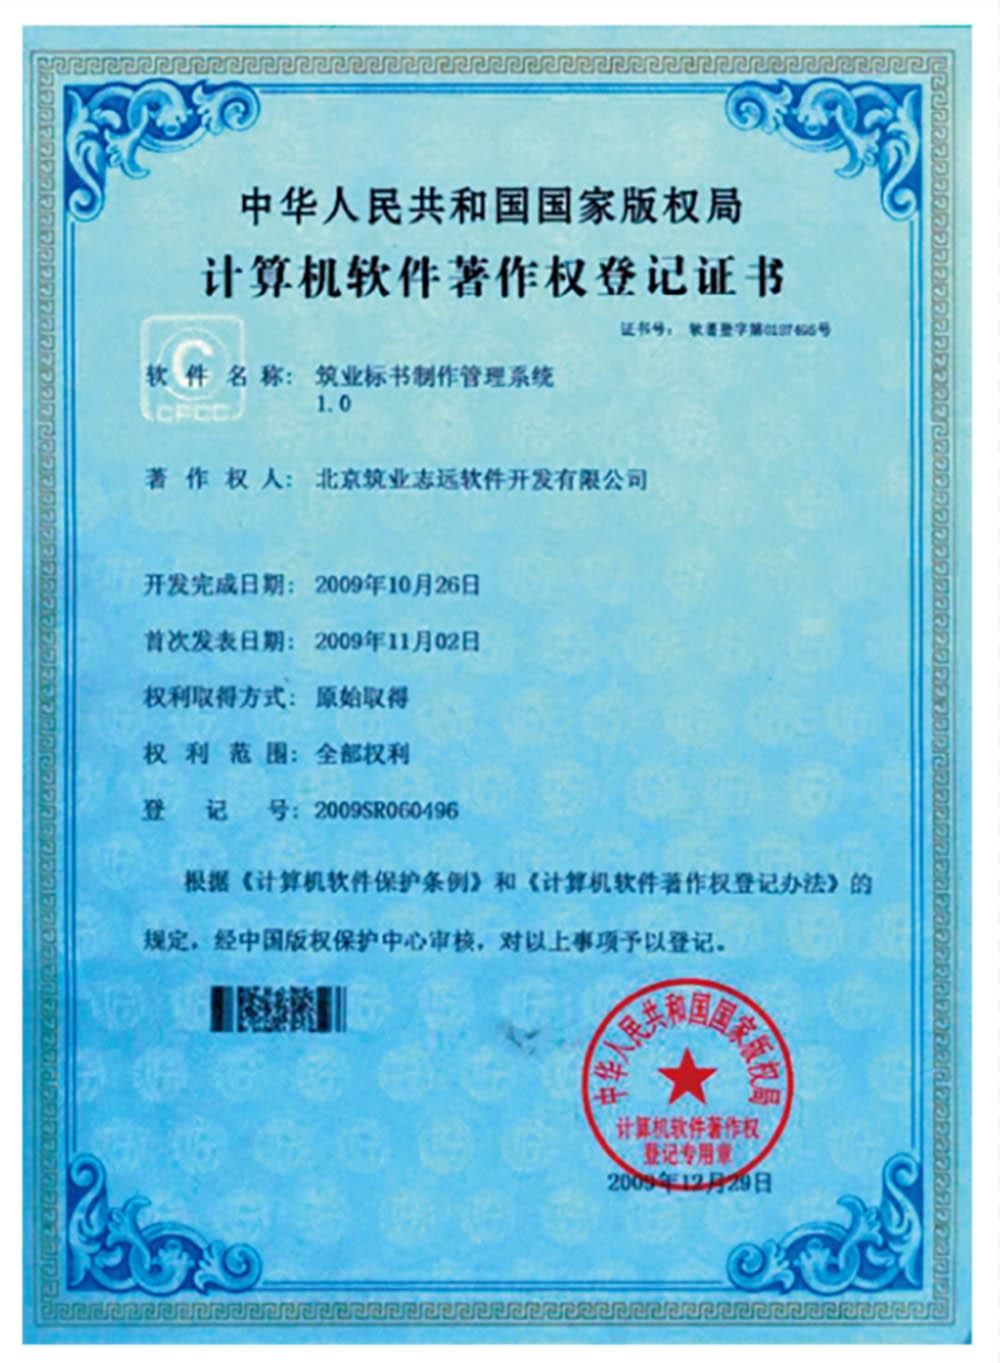 标书制作软件著作权登记